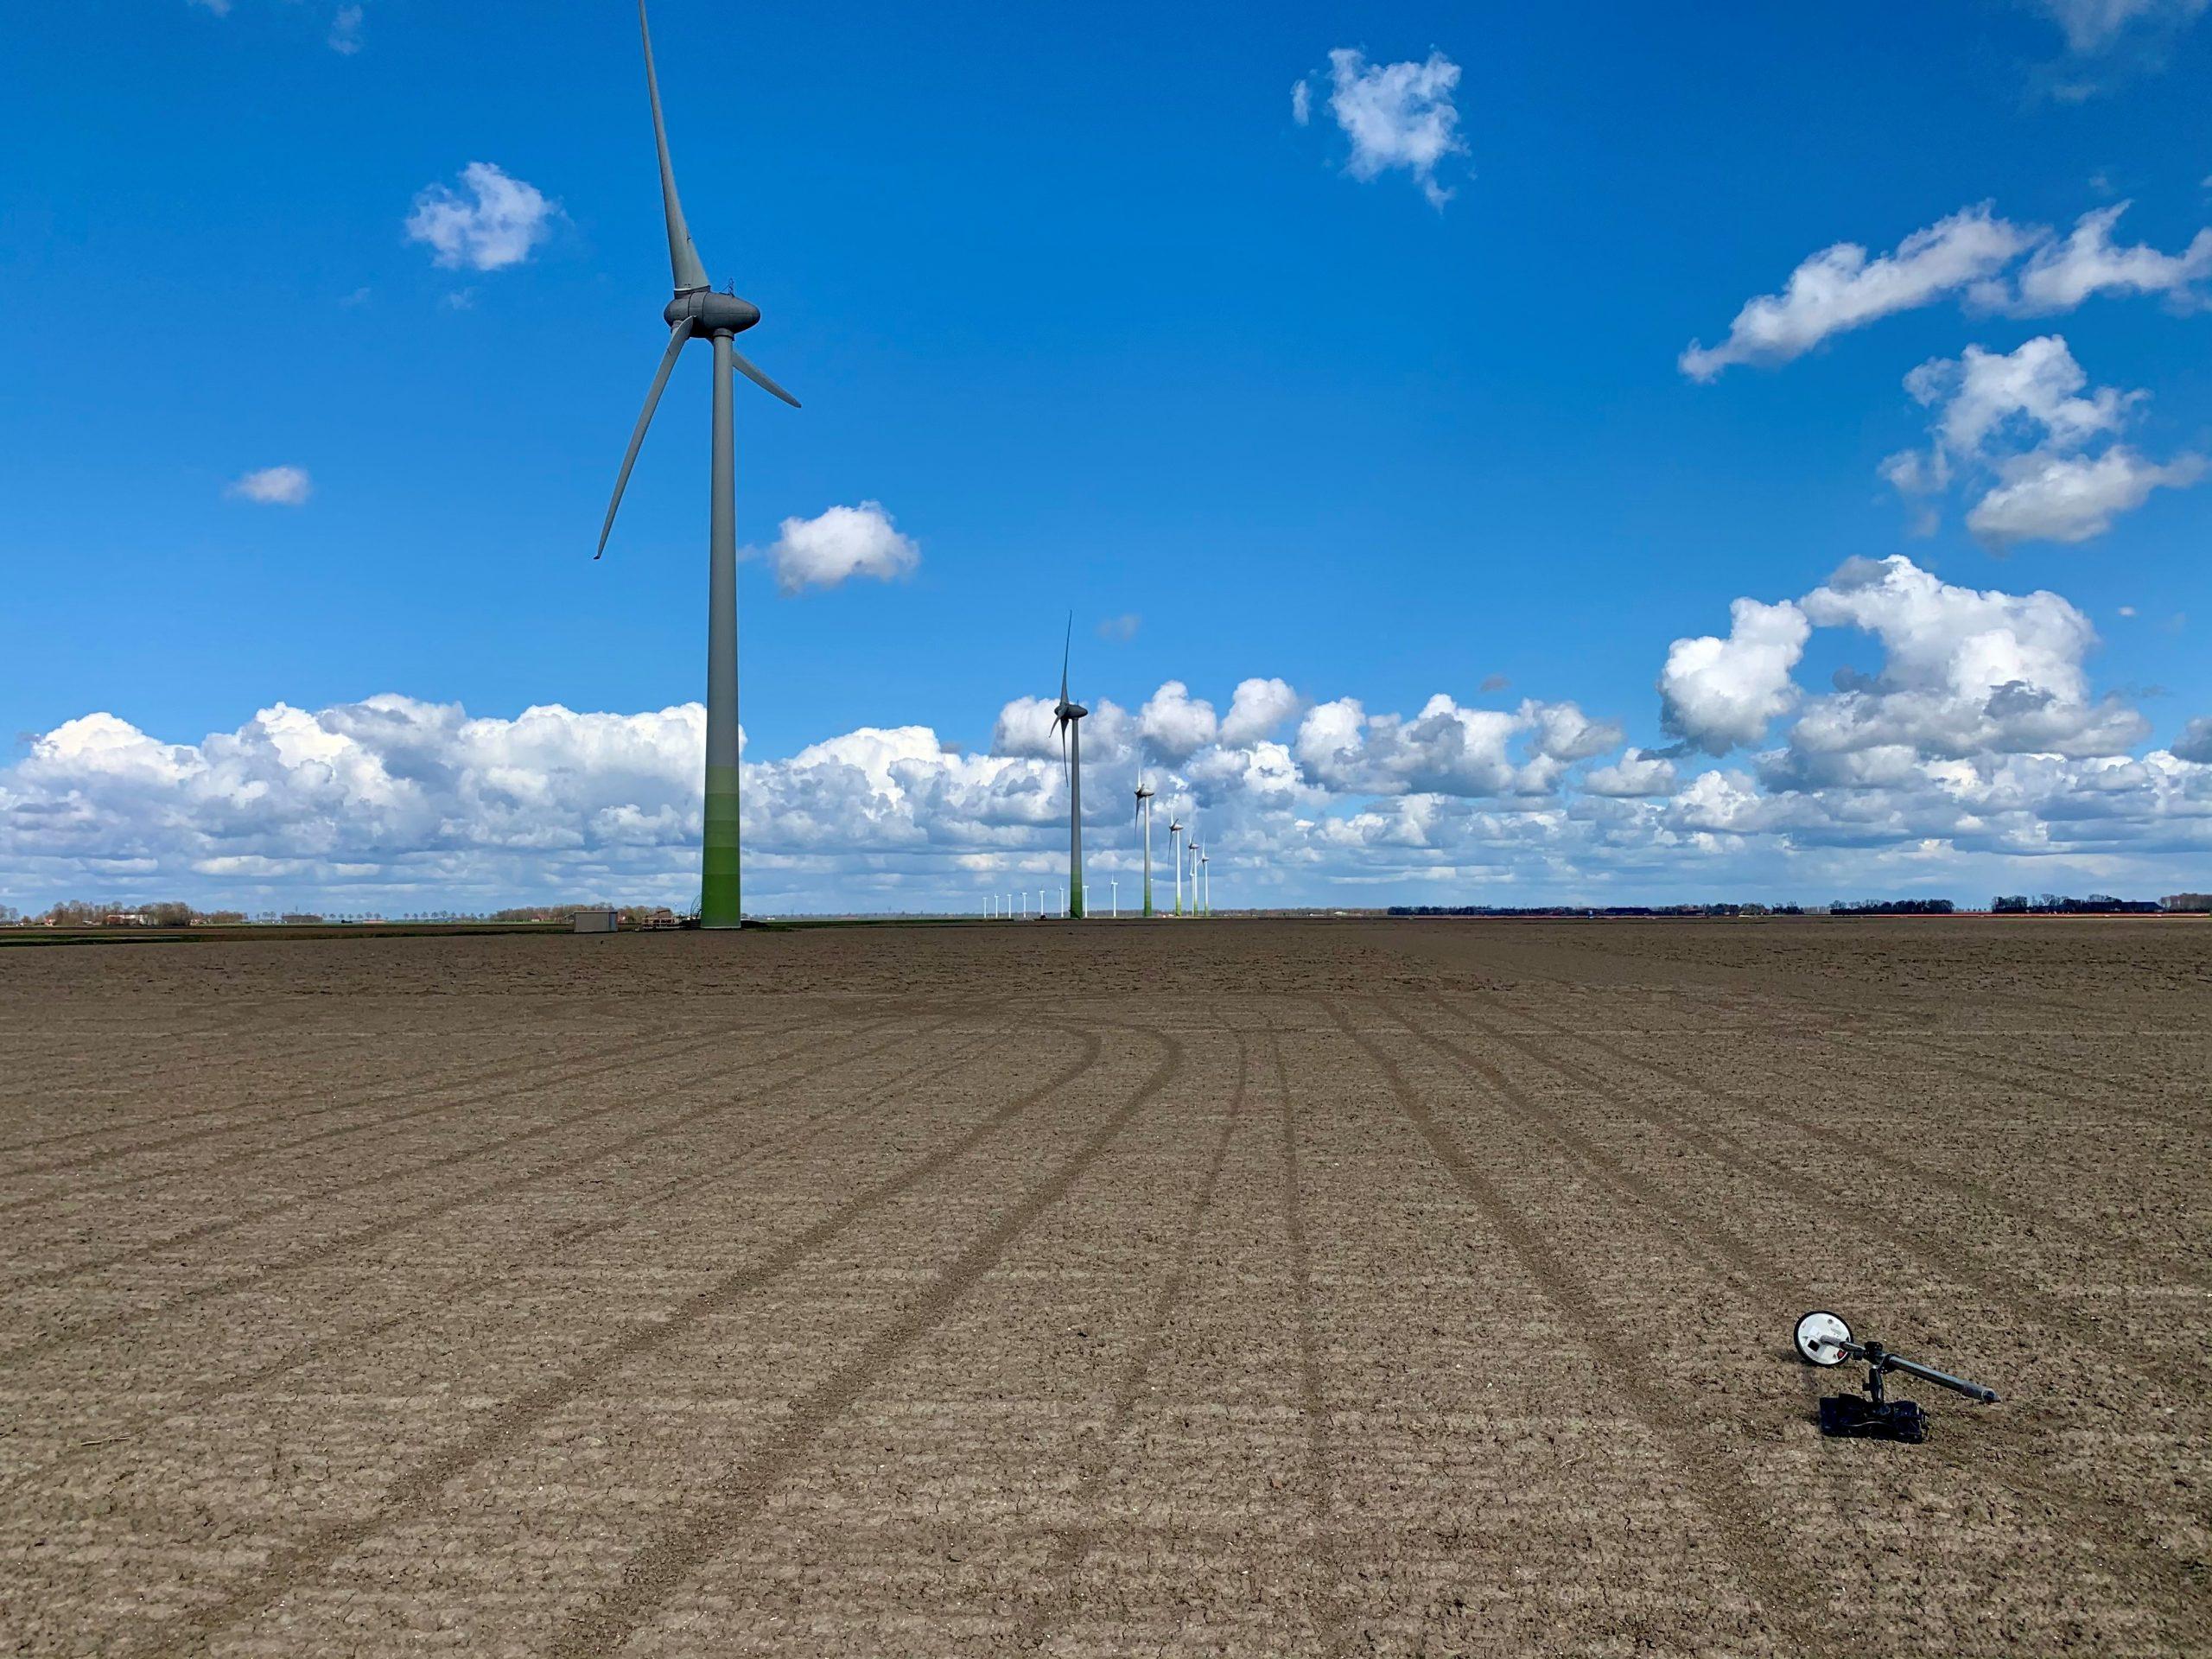 overzicht van de detectielocatie tussen de windmolens